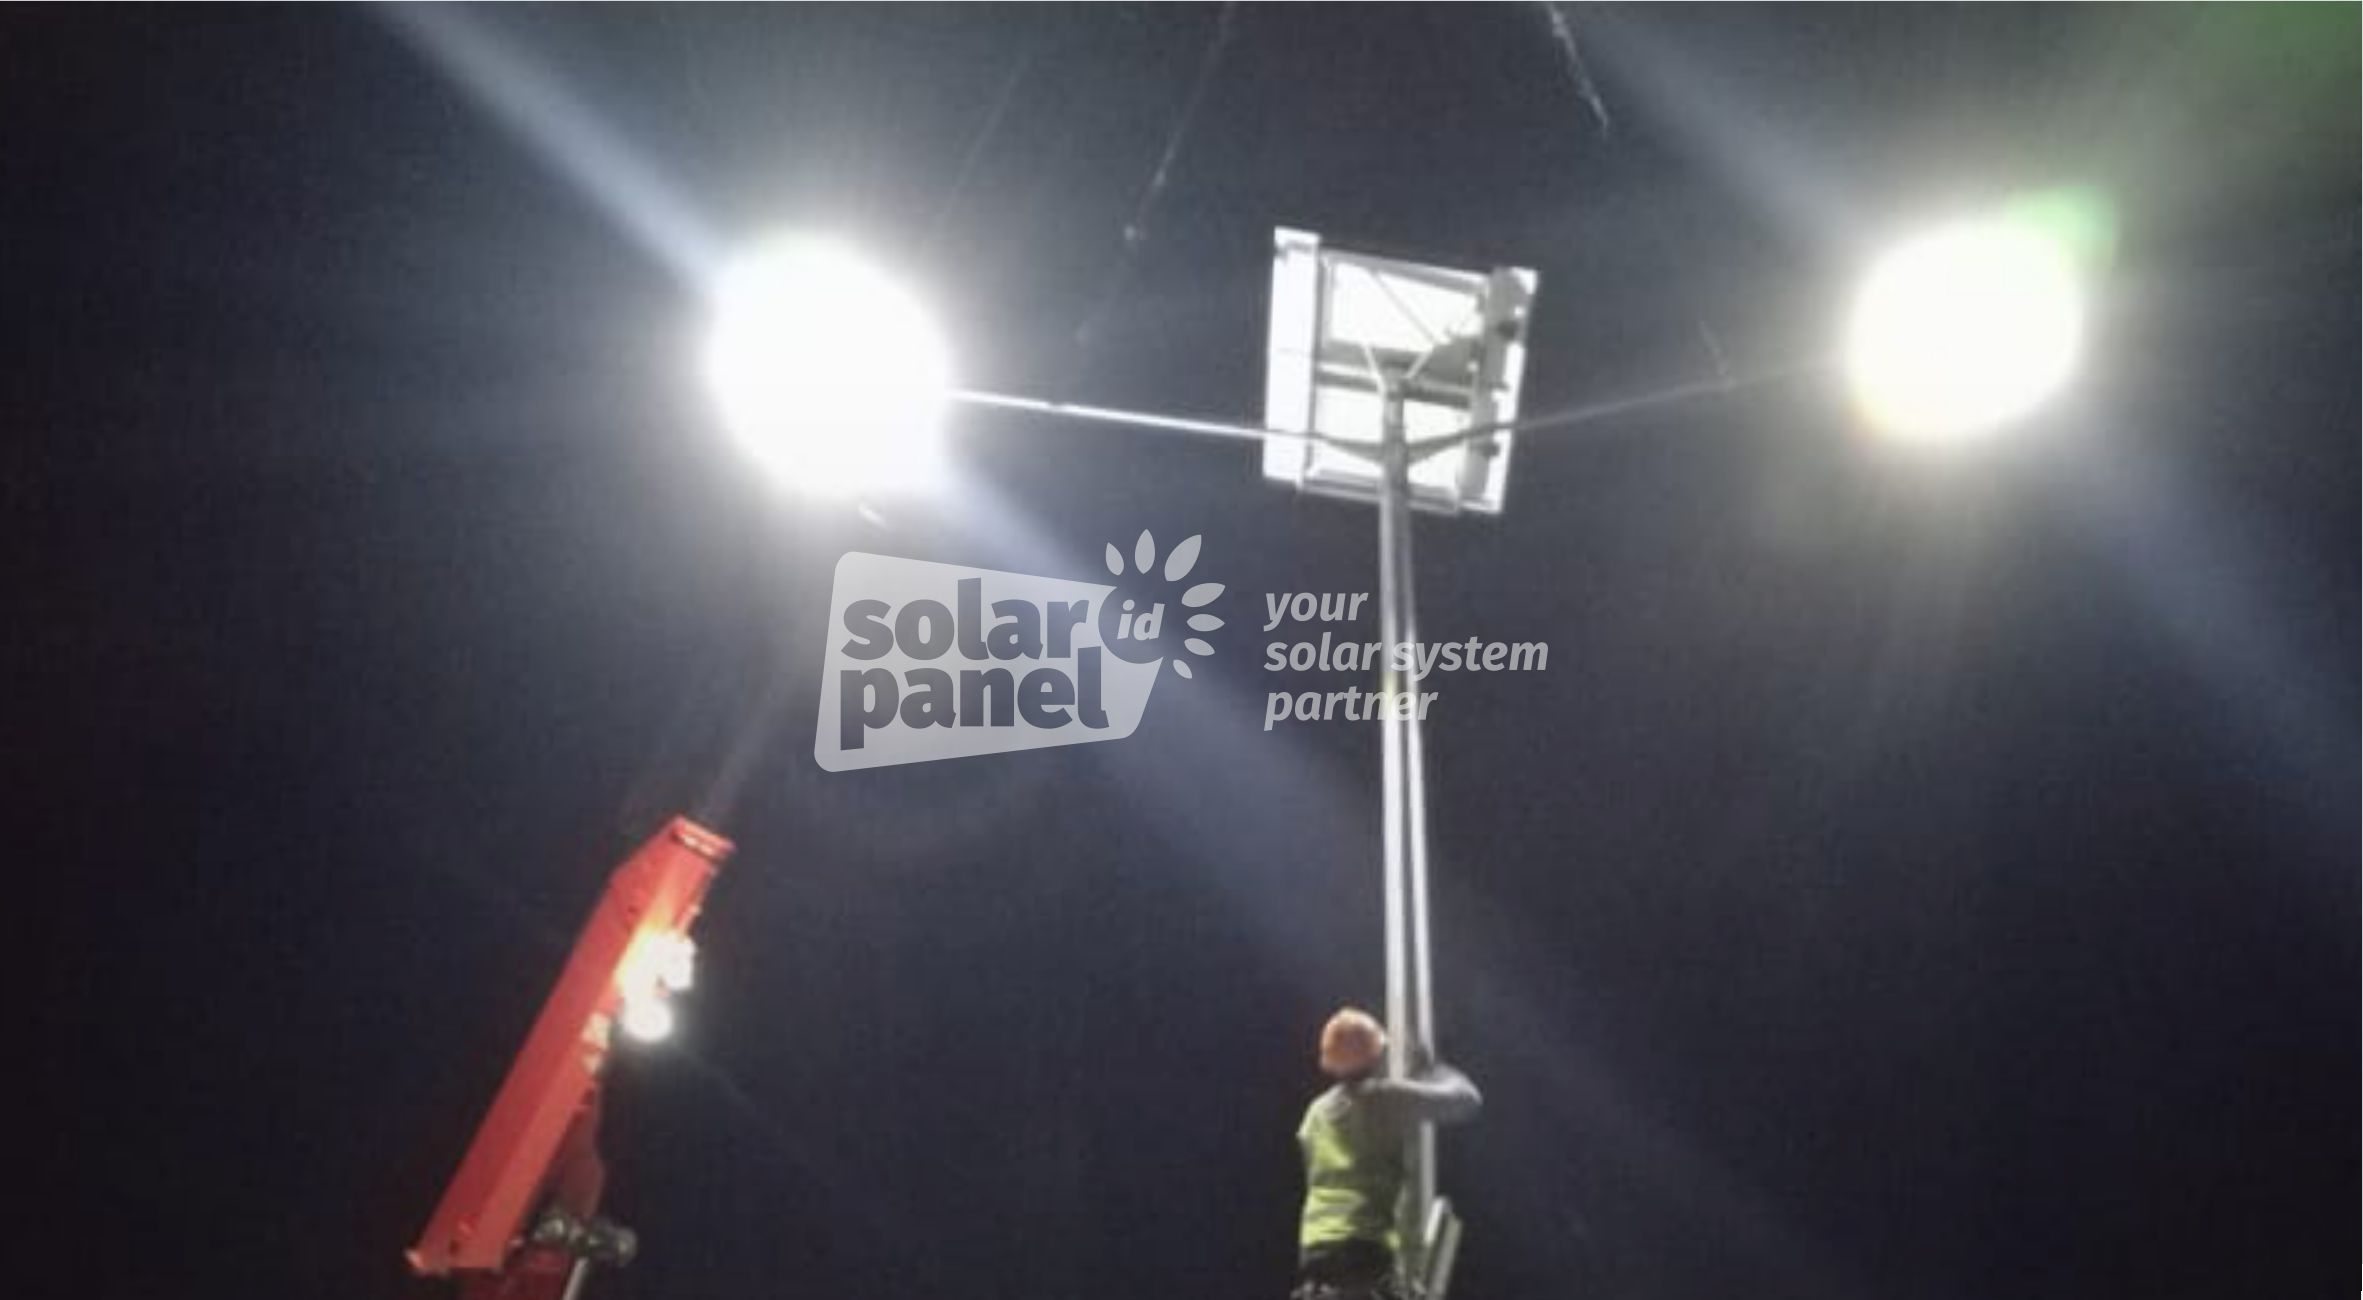 jual pju tenaga surya 2in1 40 watt murah